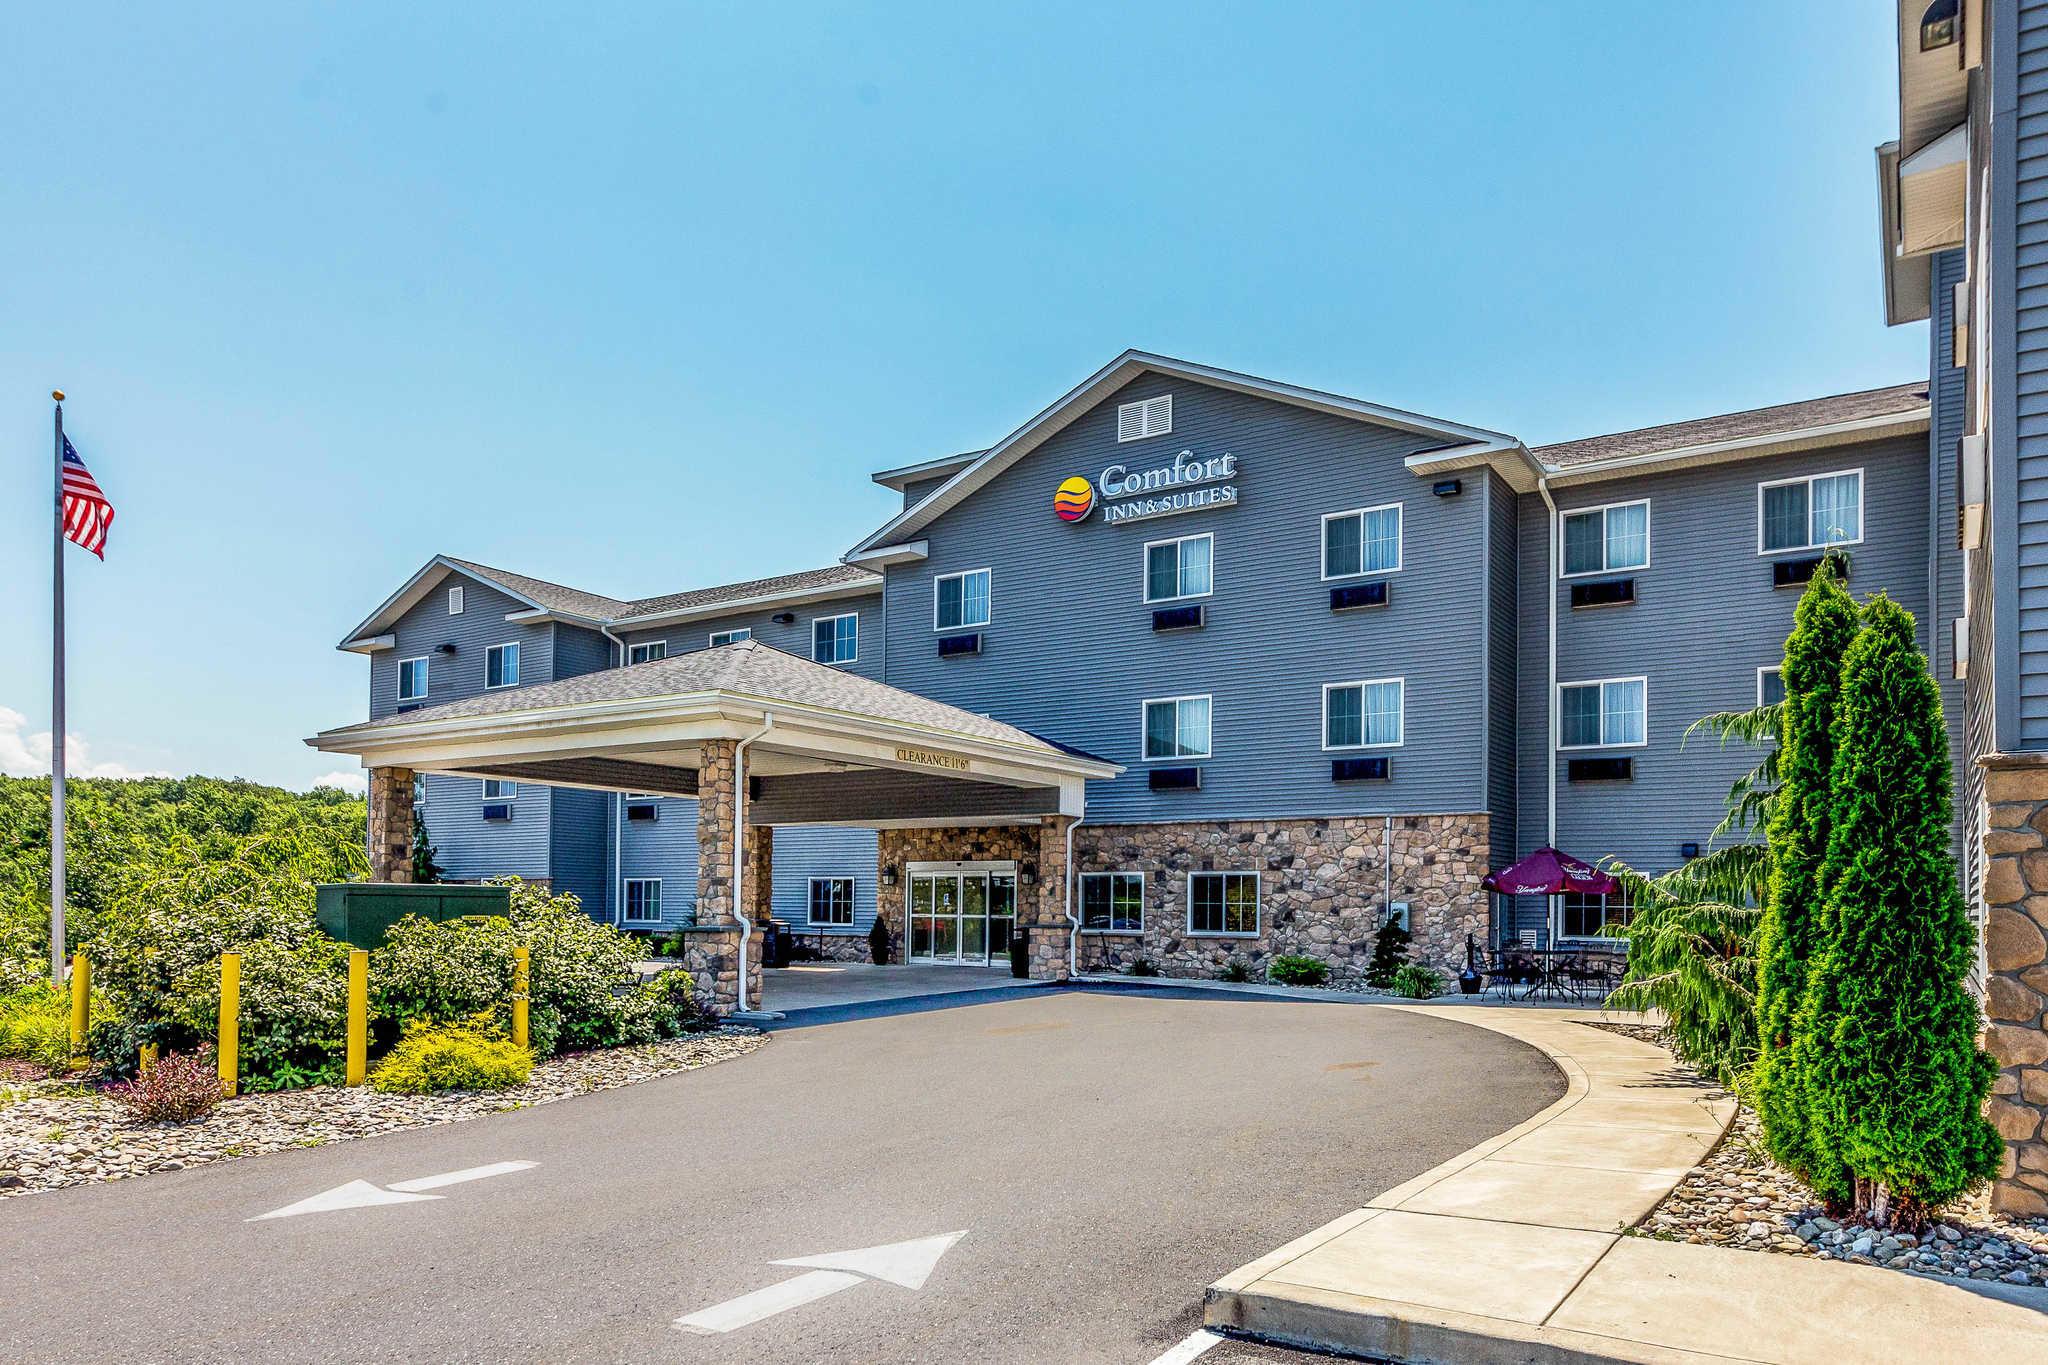 Comfort Inn & Suites Barnesville - Frackville image 0